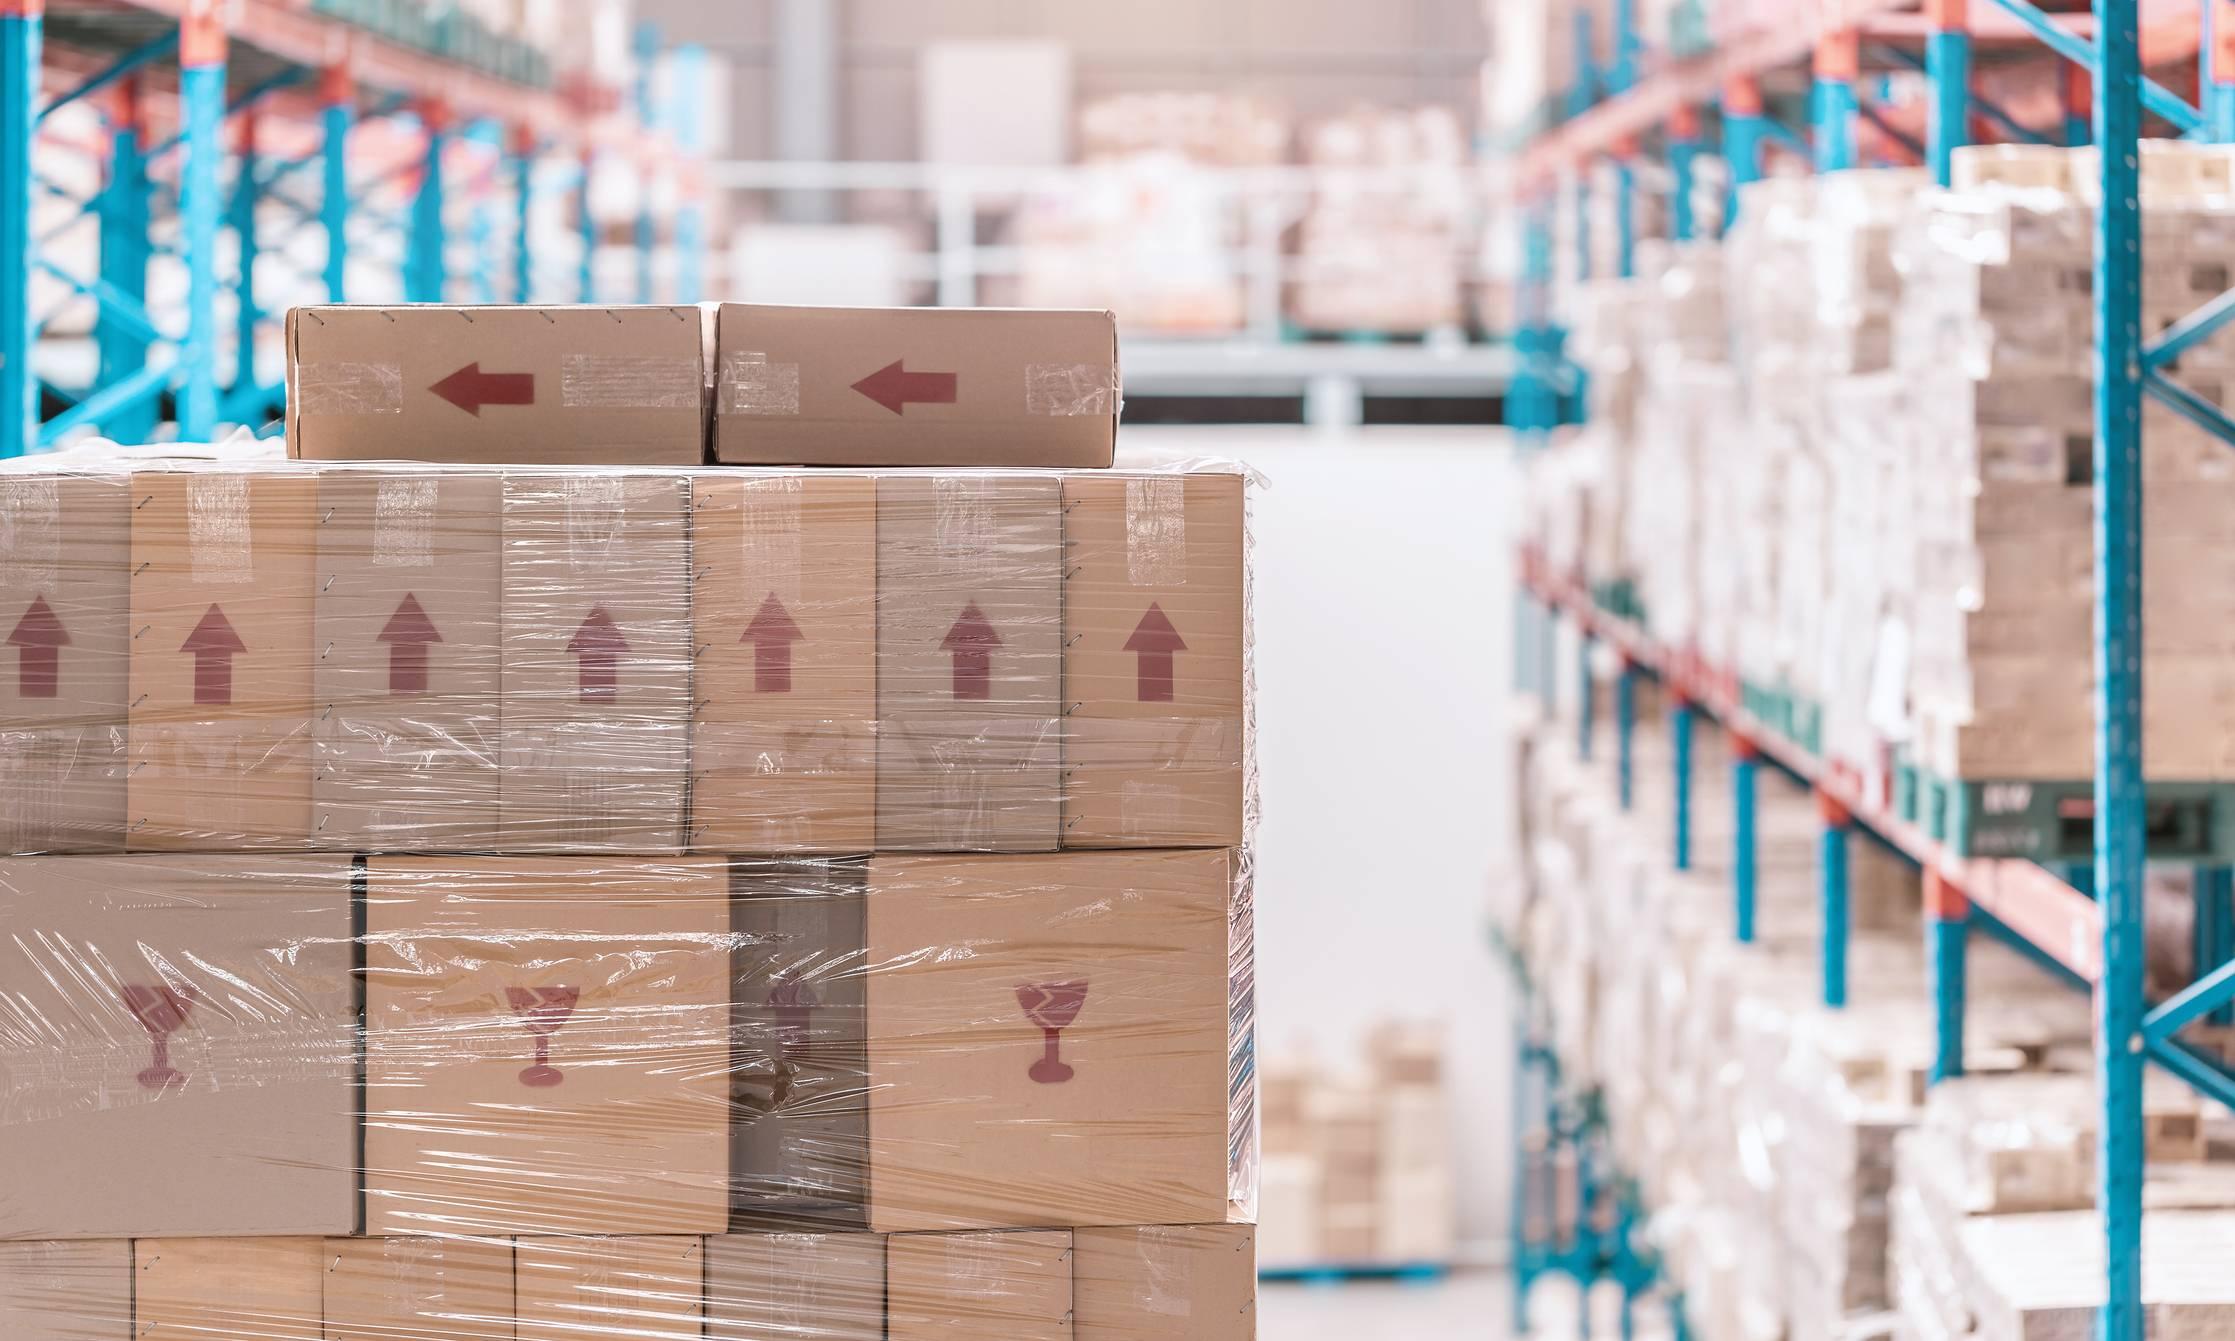 Logistique sous tension : les robots et machines devenus indispensables